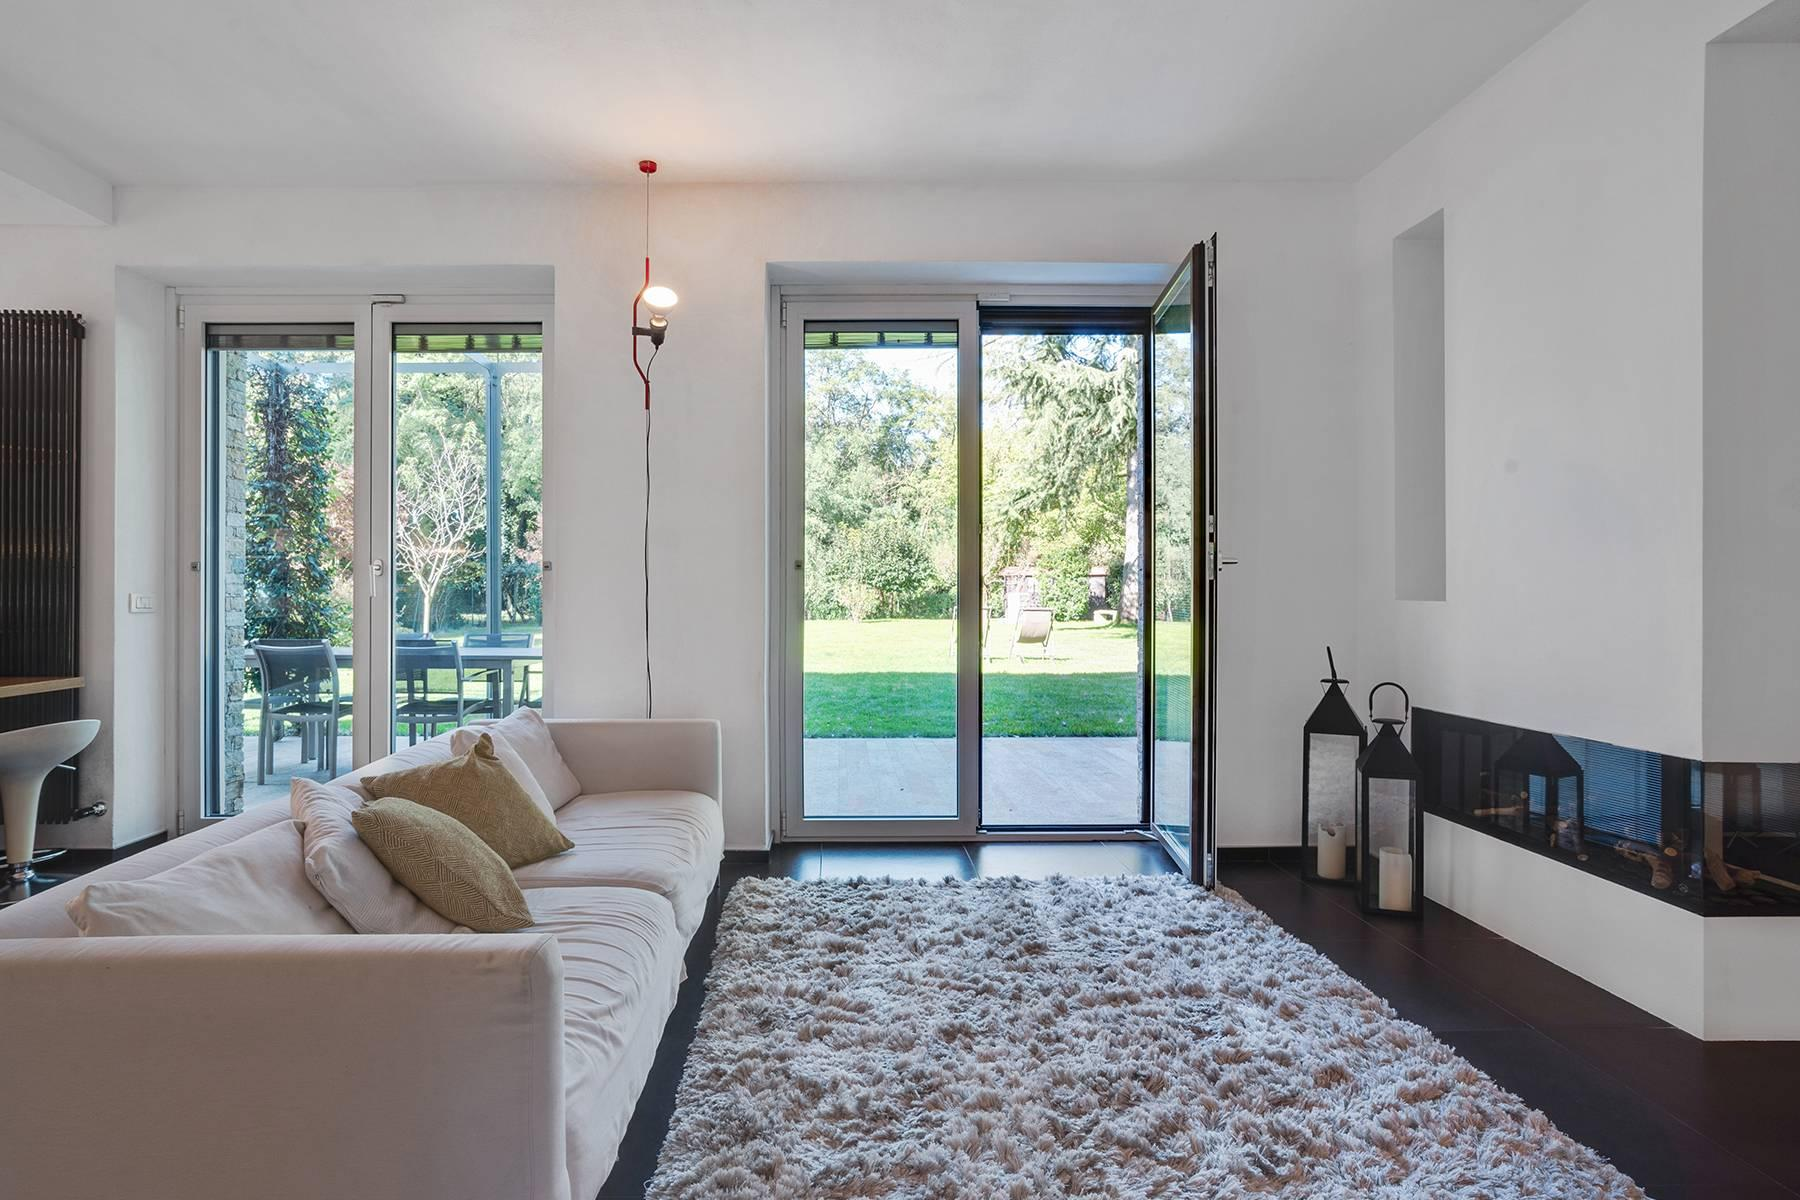 Maison individuelle entièrement rénovée en style moderne - 7